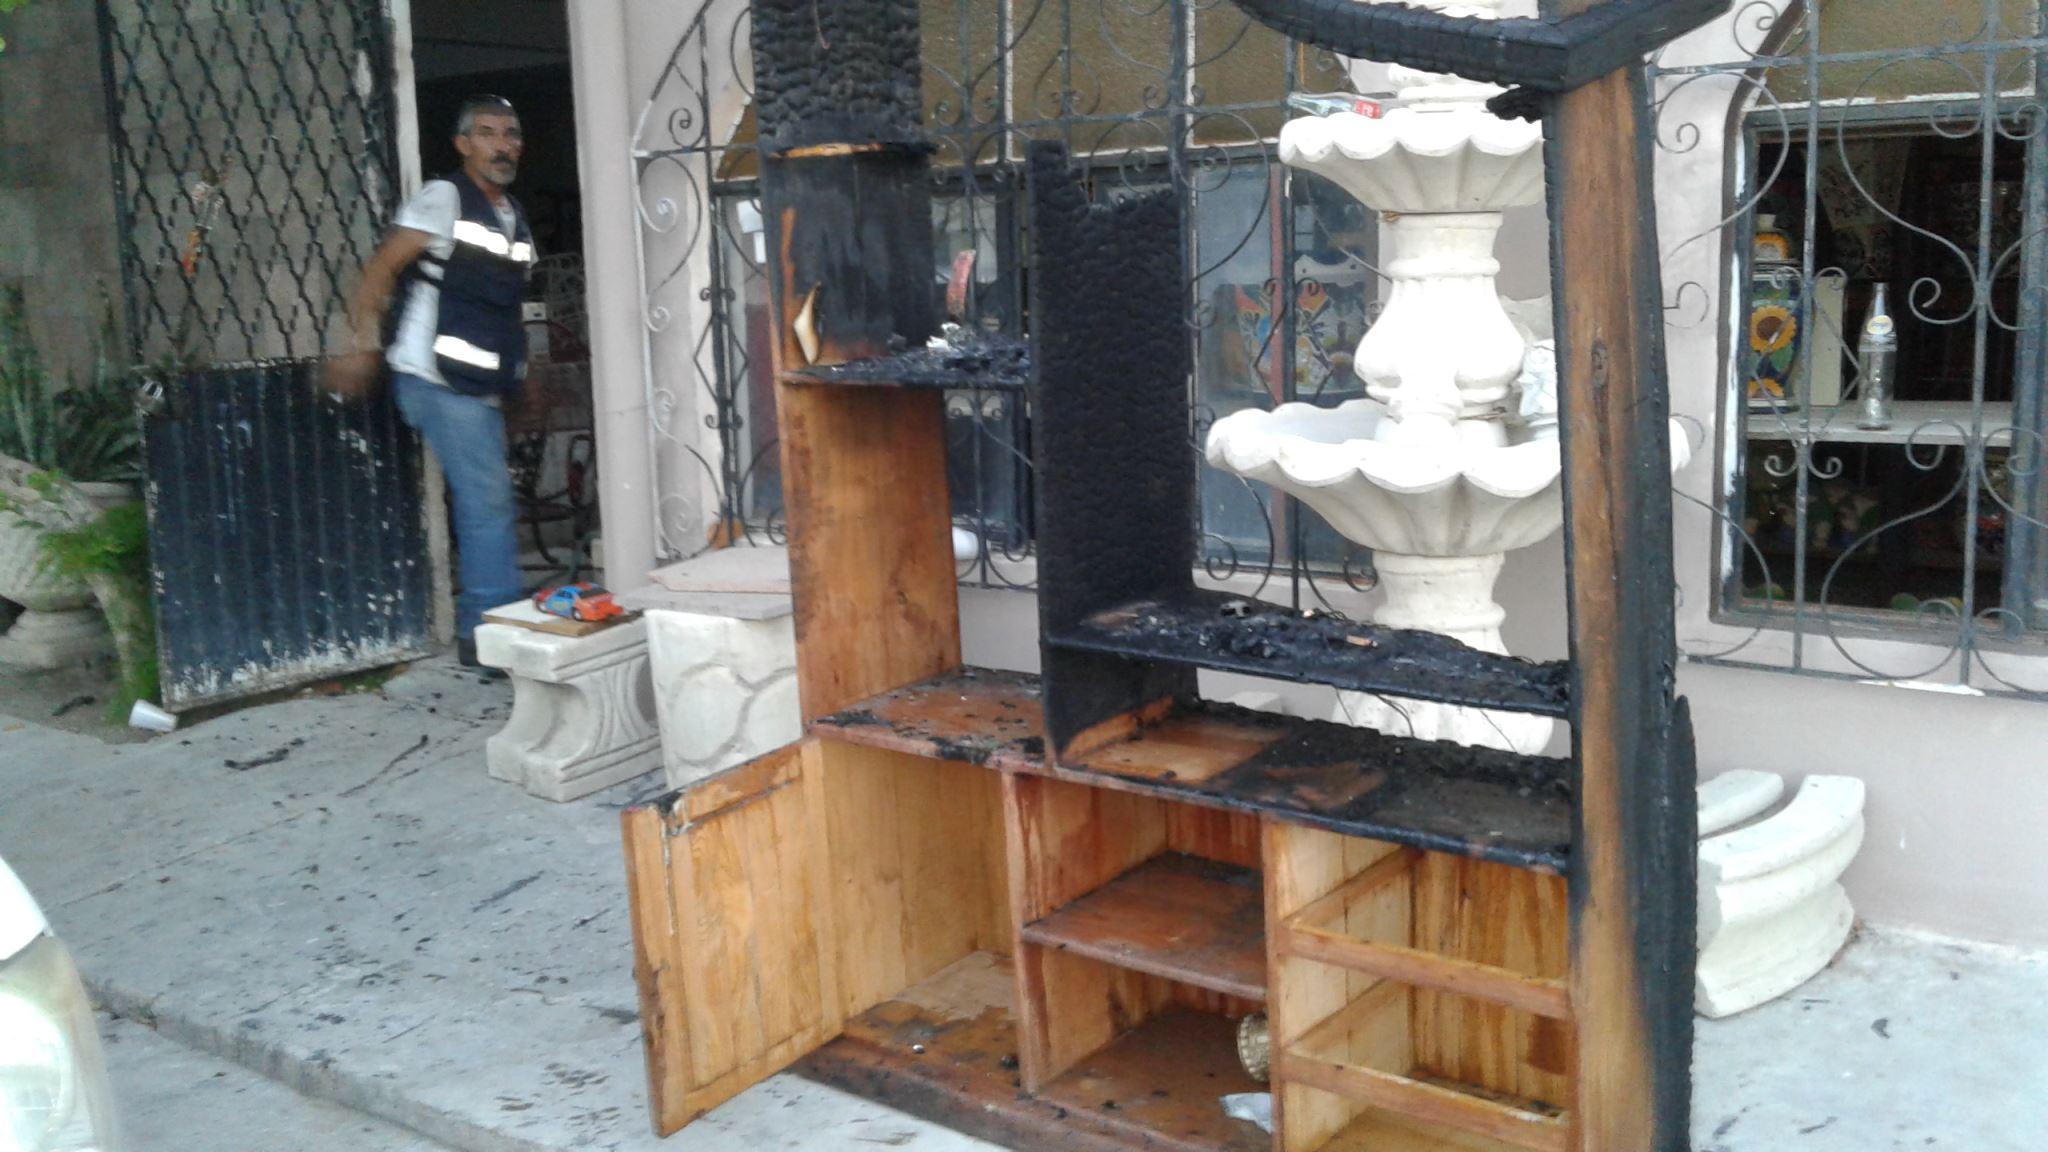 MUEBLE. Este centro de entretenimiento para televisión y demás aparatos, fue uno de los muebles de madera que se quemaron durante el incendio registrado la tarde-noche de este jueves. (Foto: Heriberto Rodríguez)